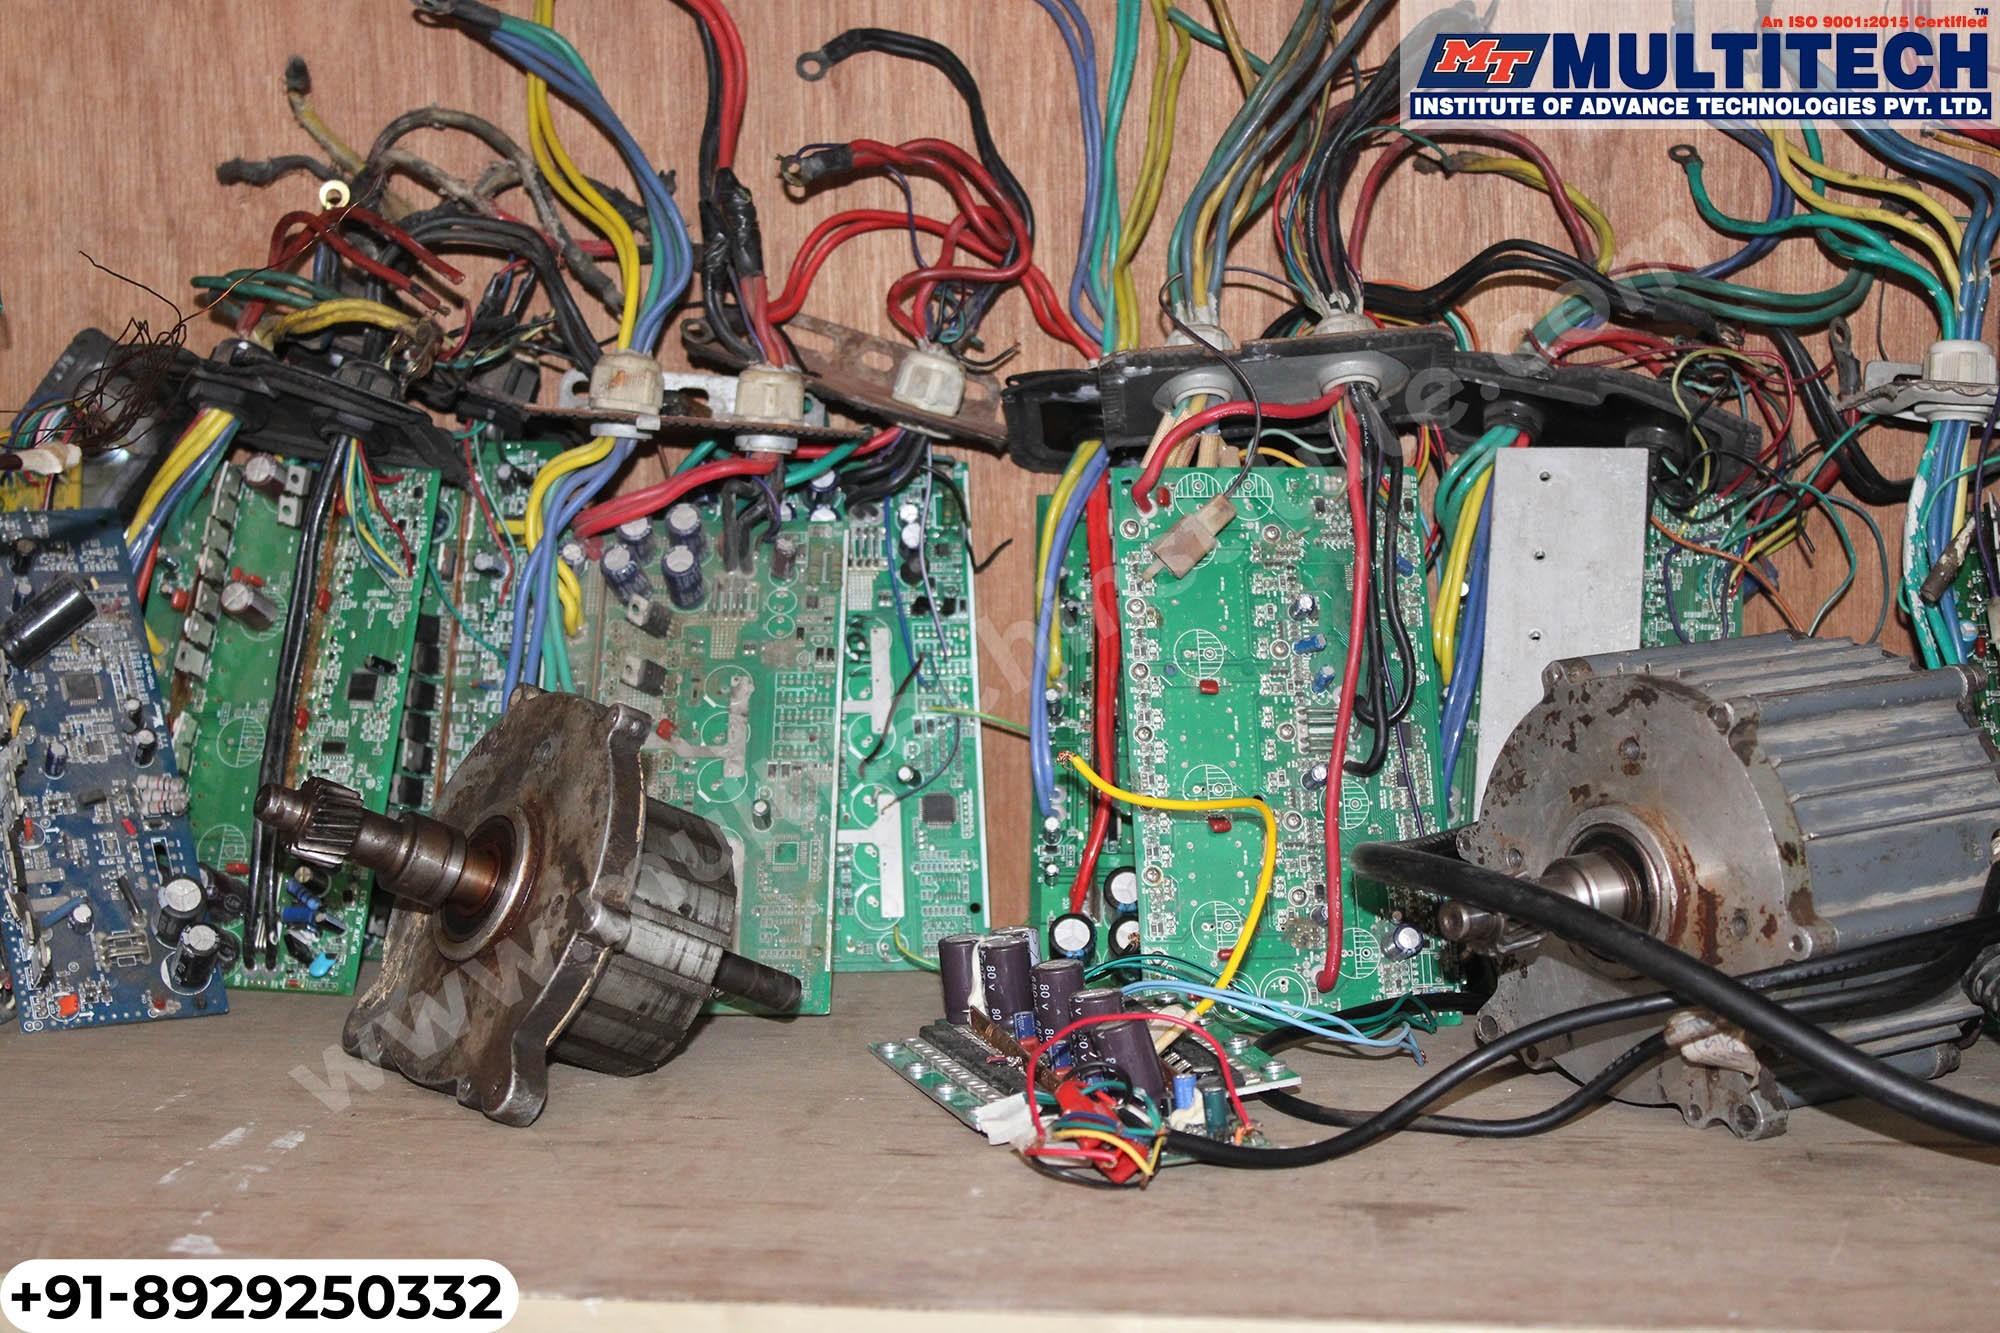 E - Vehicle Repairing Course In Delhi India